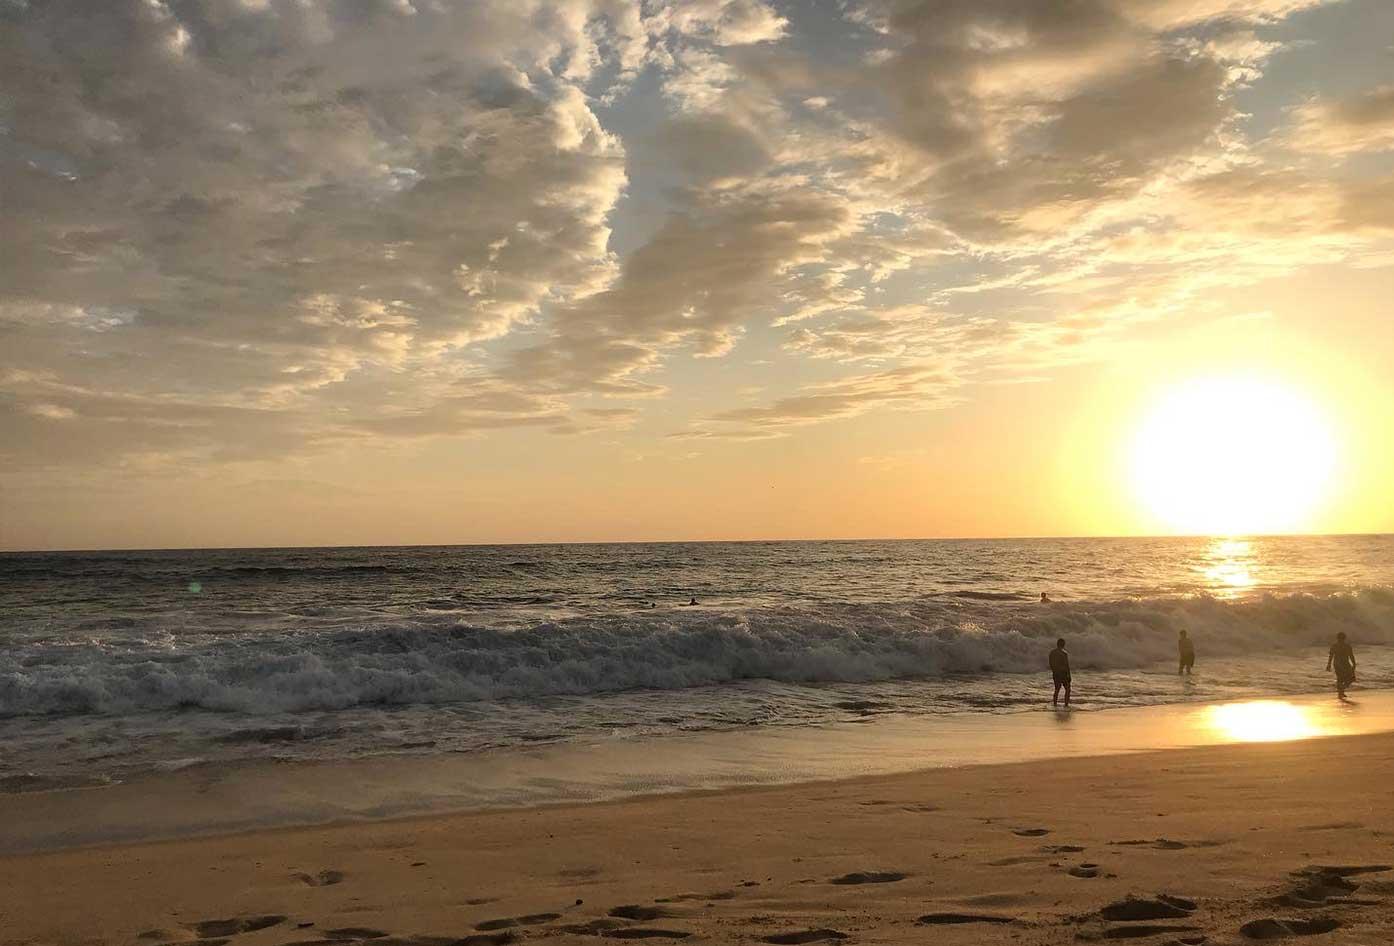 zicatela beach oaxaca